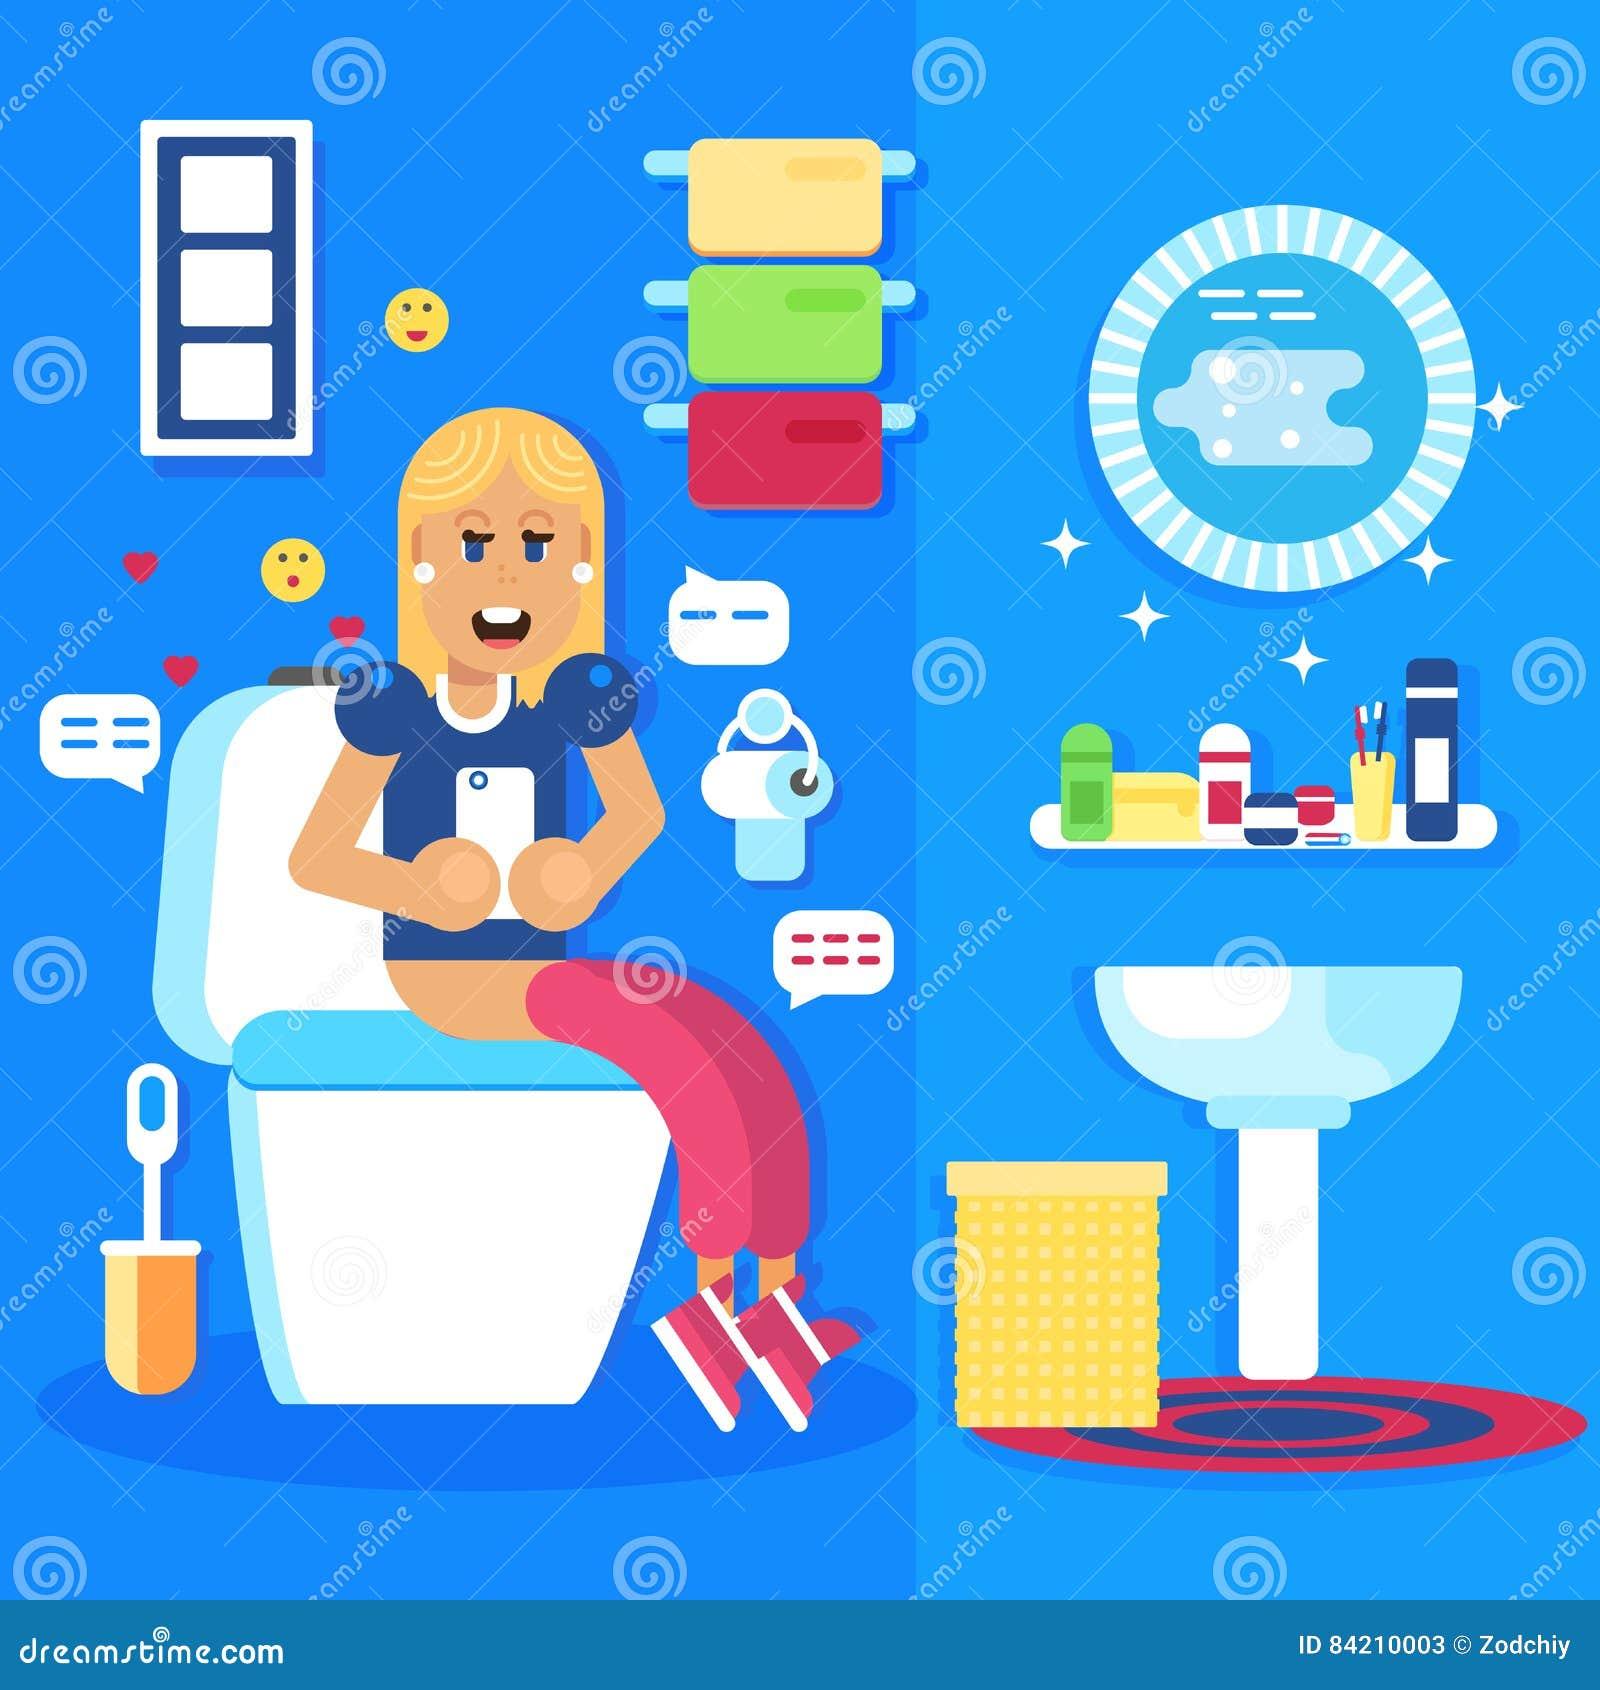 Διάταξη θέσεων νέων κοριτσιών στην τουαλέτα με το έξυπνες τηλέφωνο και τις συνομιλίες